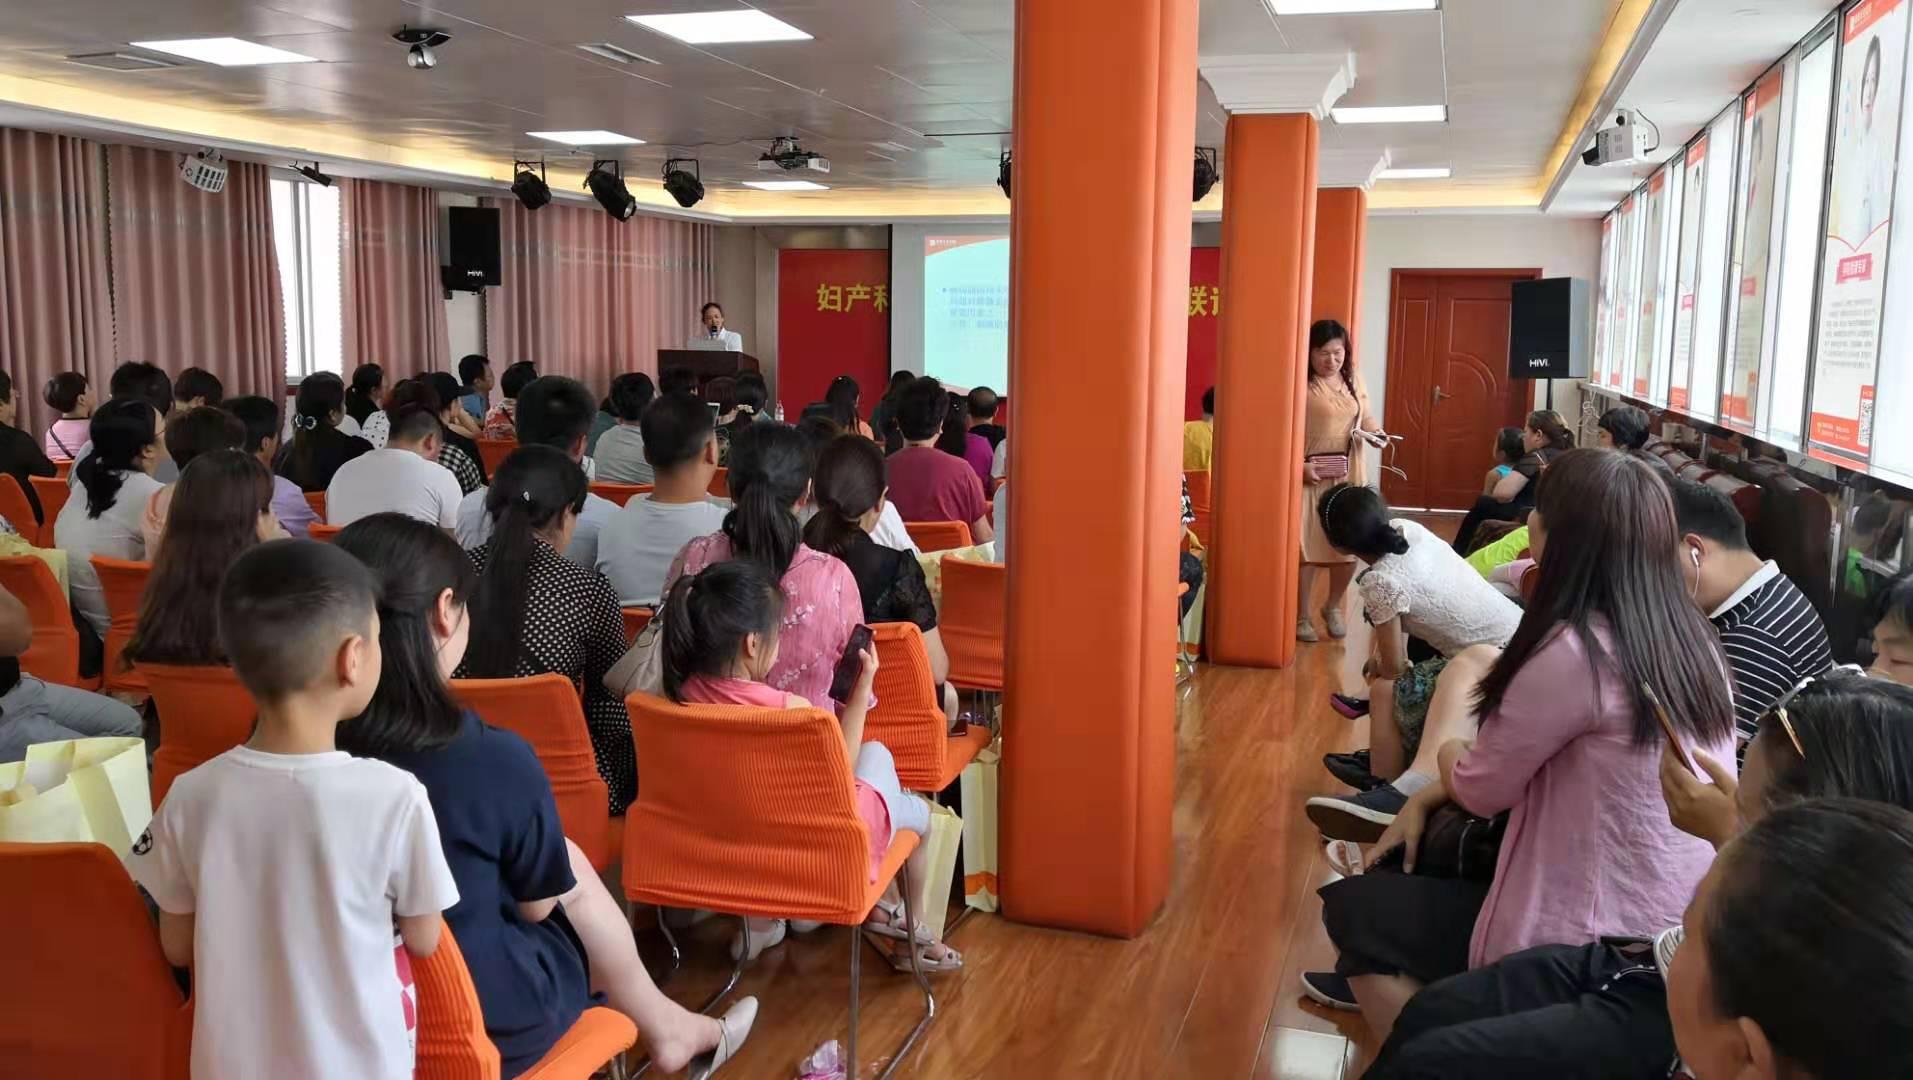 相聚一堂共话生殖妇产健康 南阳妇产科与生殖医学学术会暨联谊会在天伦召开